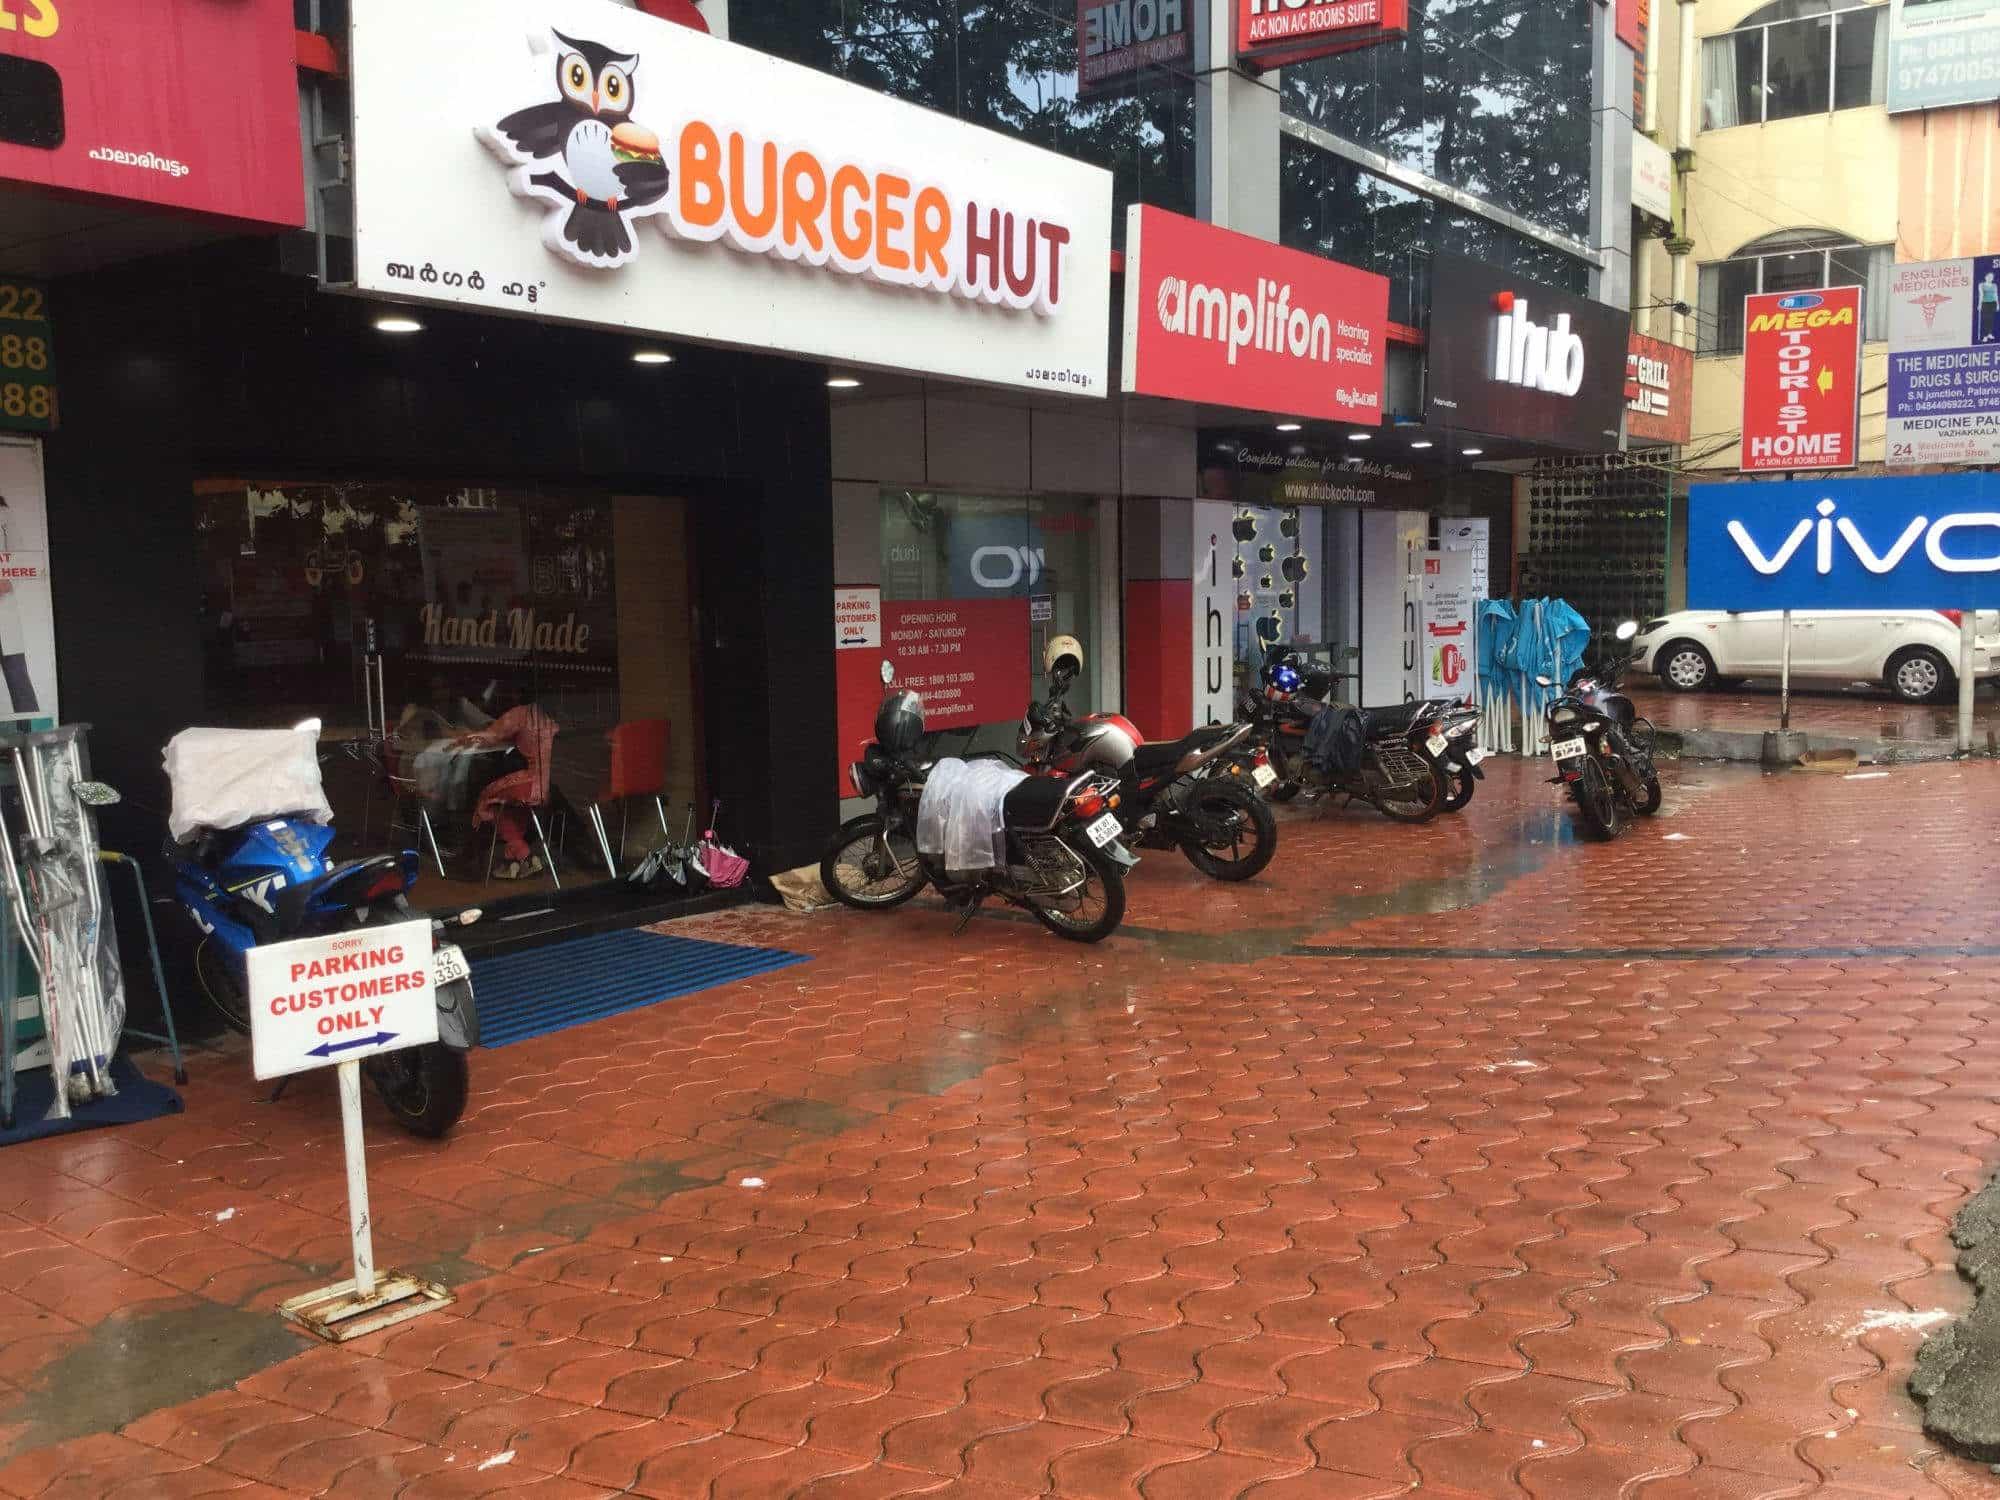 Burger Hut, Palarivattom, Ernakulam - Fast Food Cuisine